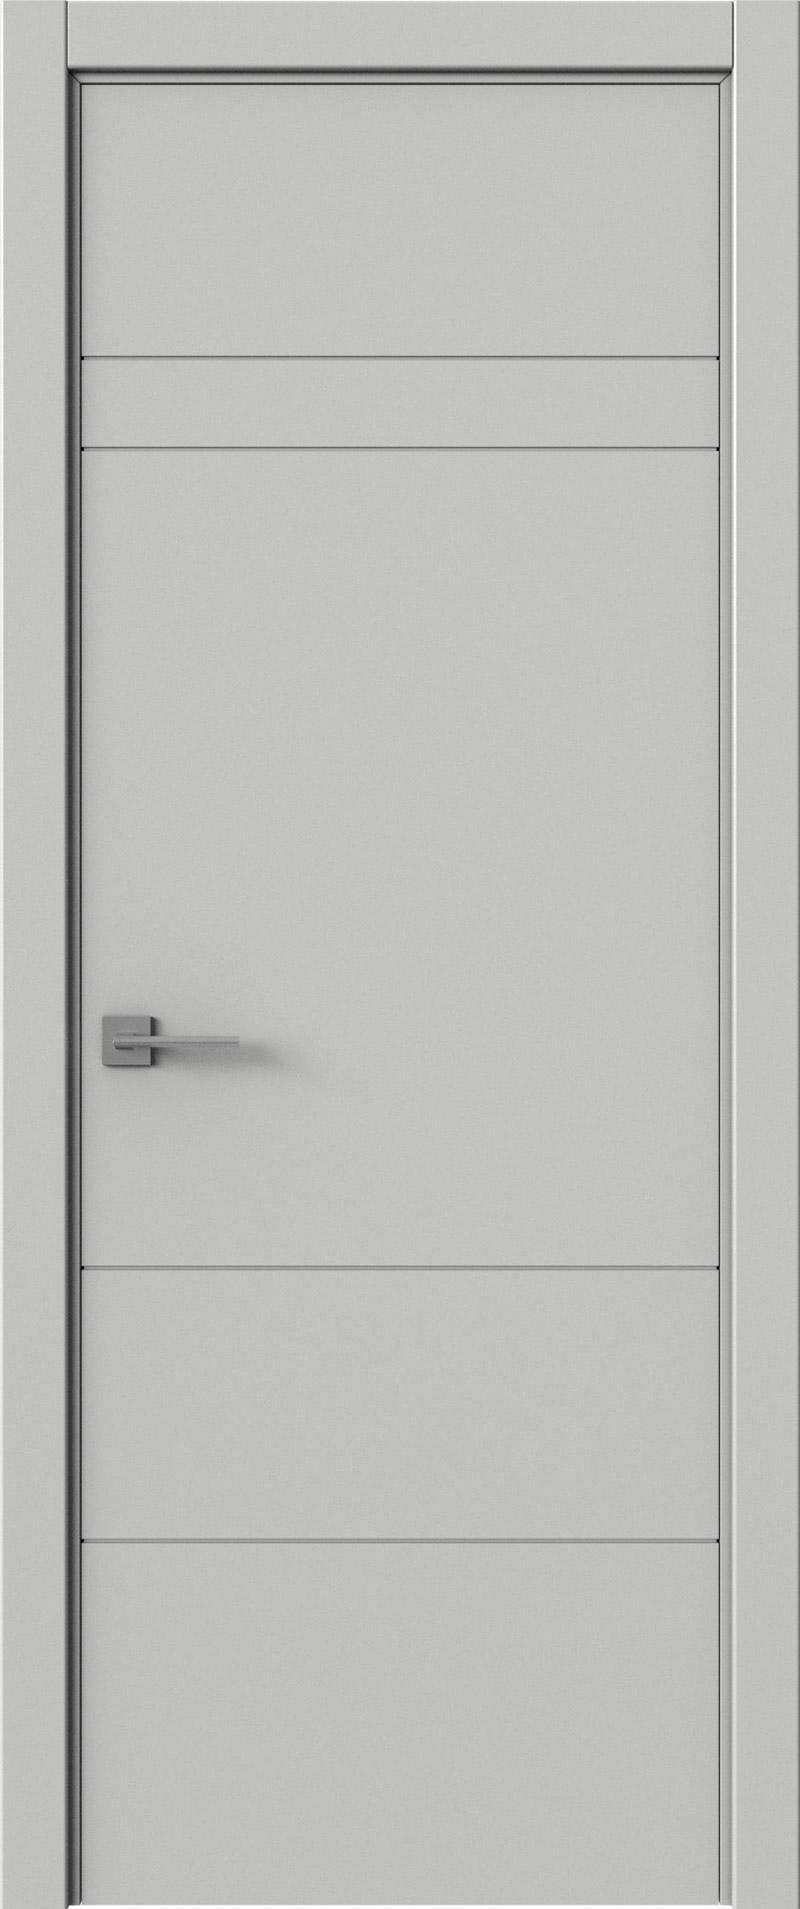 Tivoli К-2 цвет - Серая эмаль (RAL 7047) Без стекла (ДГ)